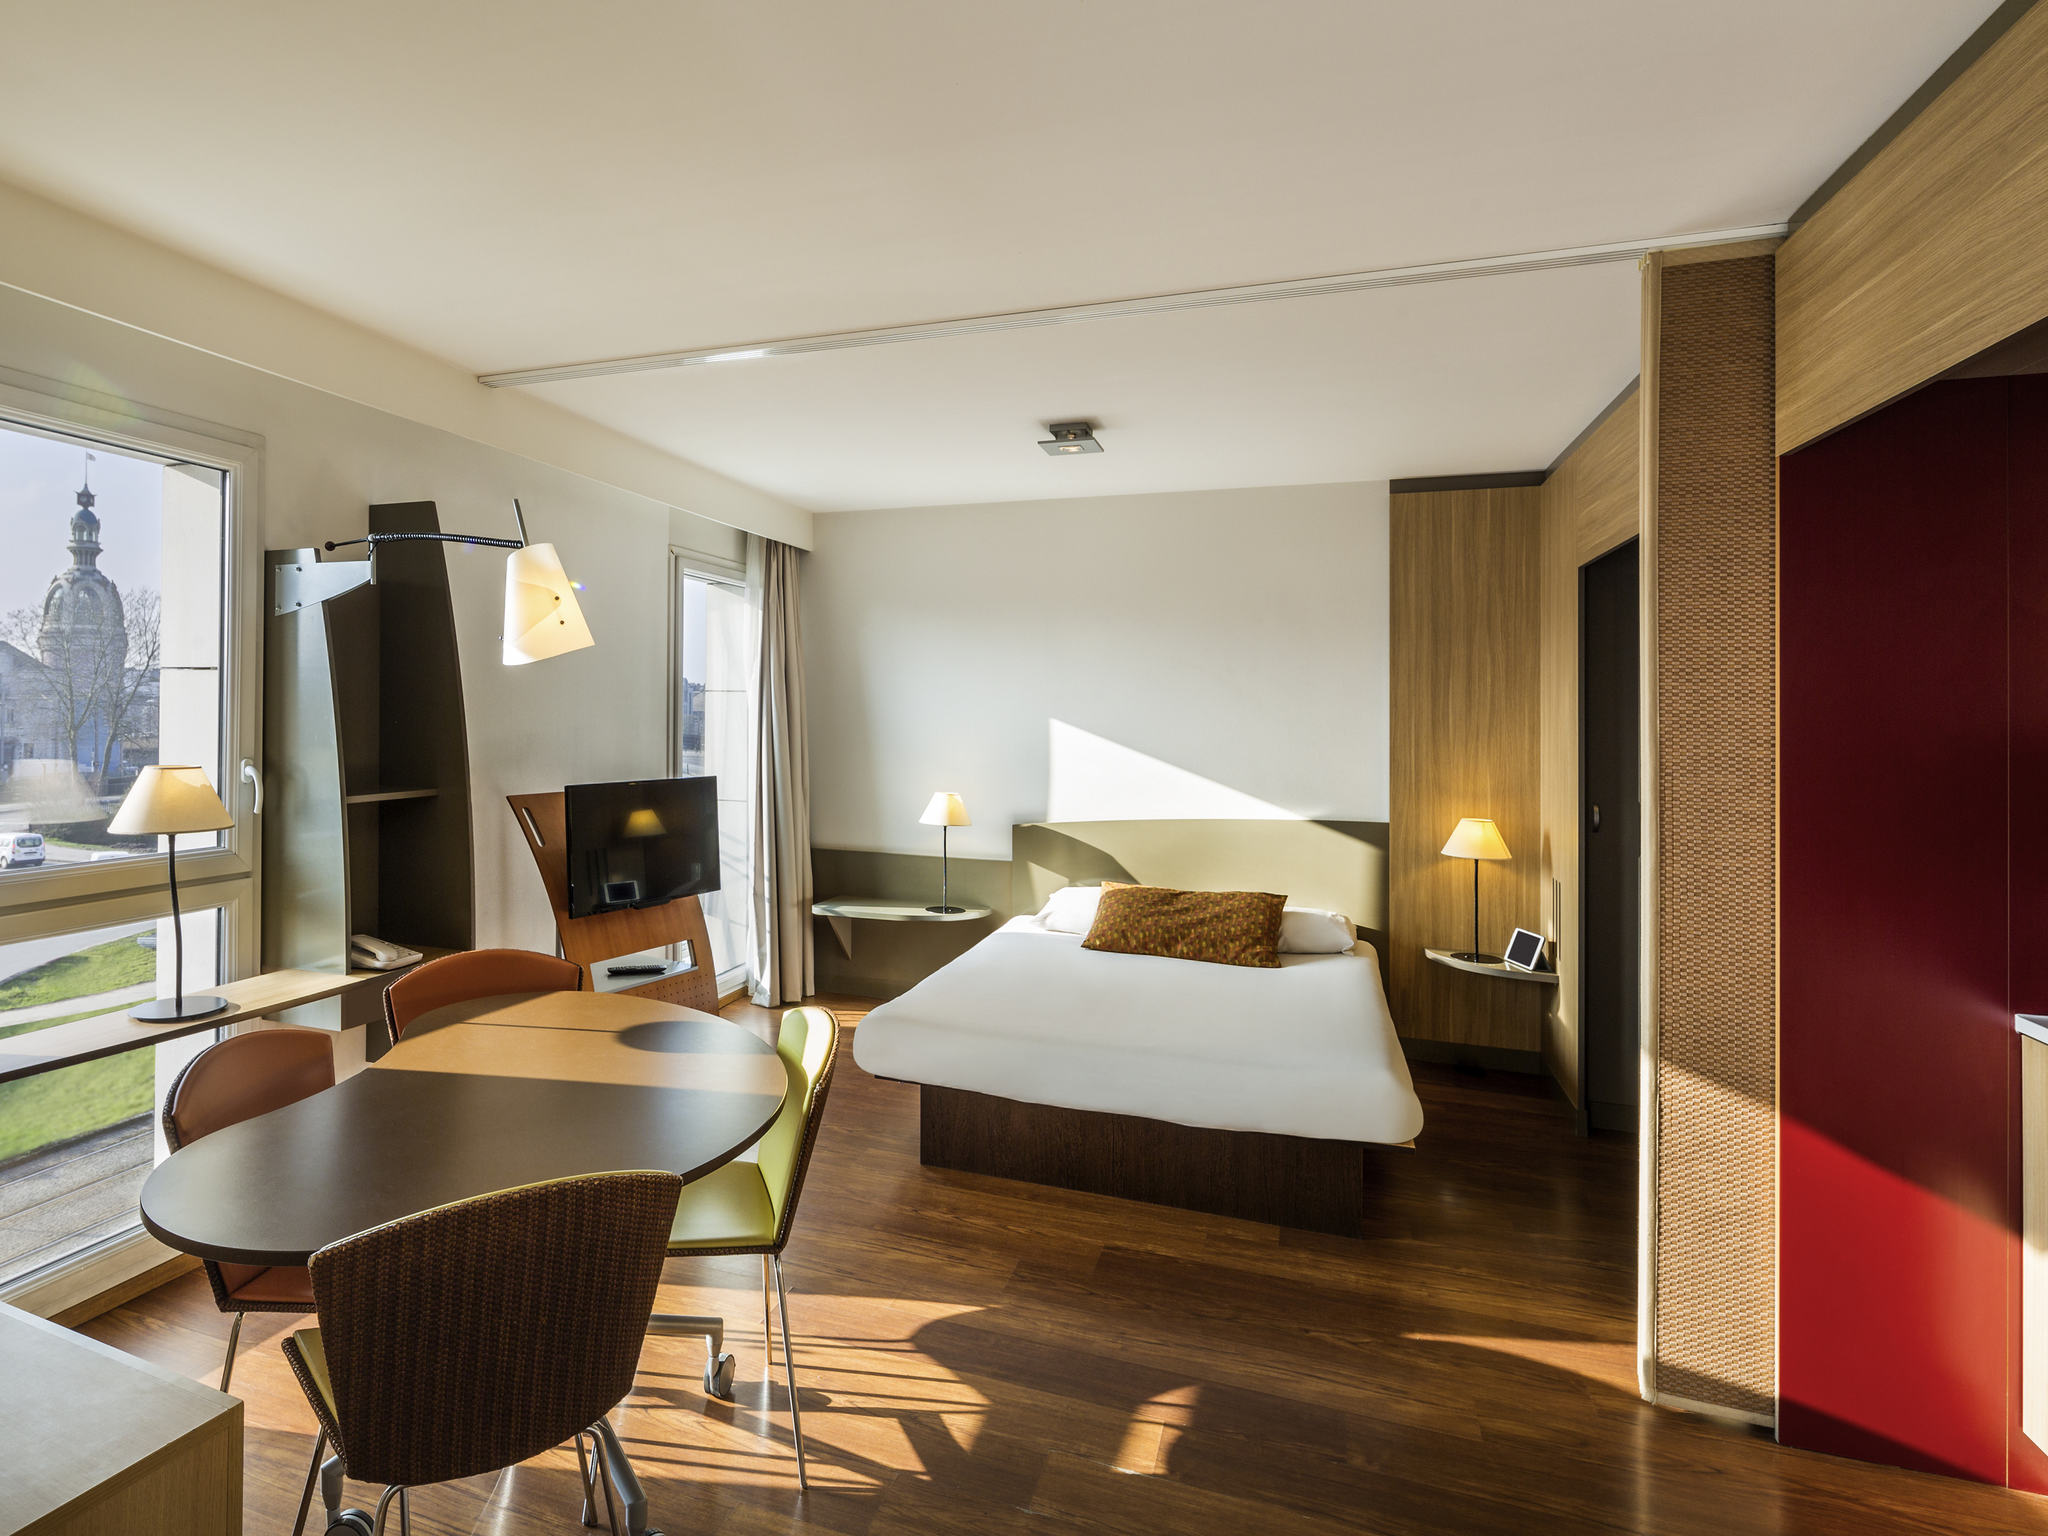 酒店 – 阿德吉奥南特中心酒店